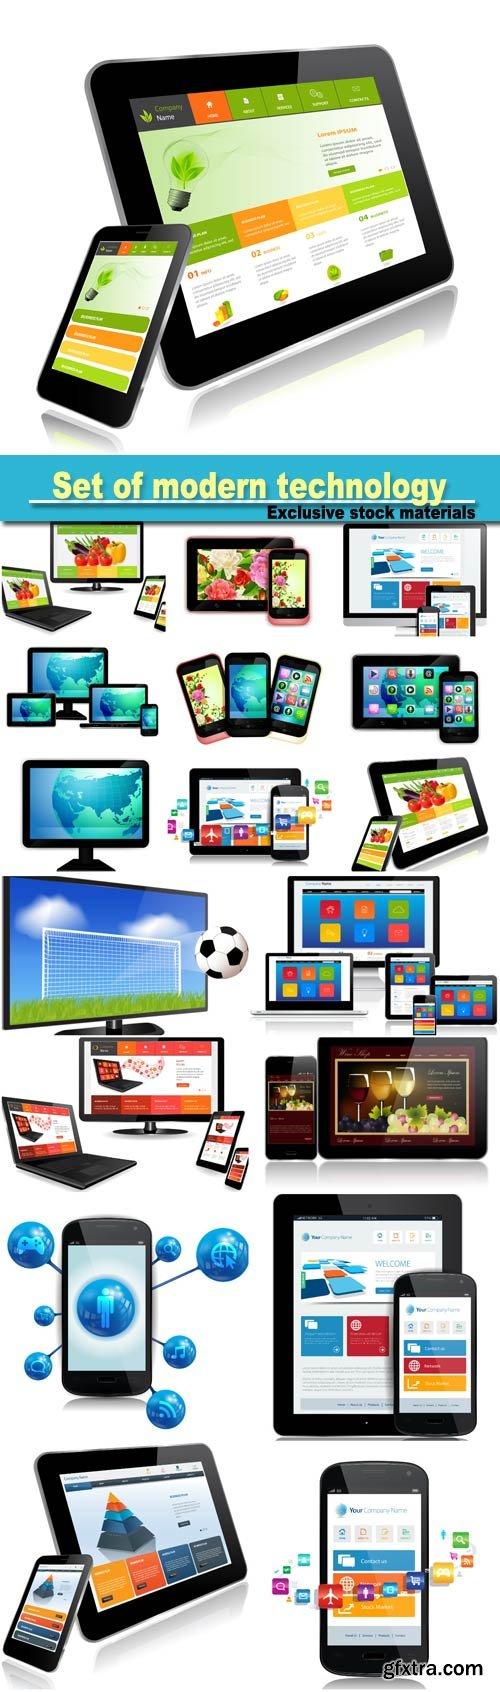 Set of modern technology vector